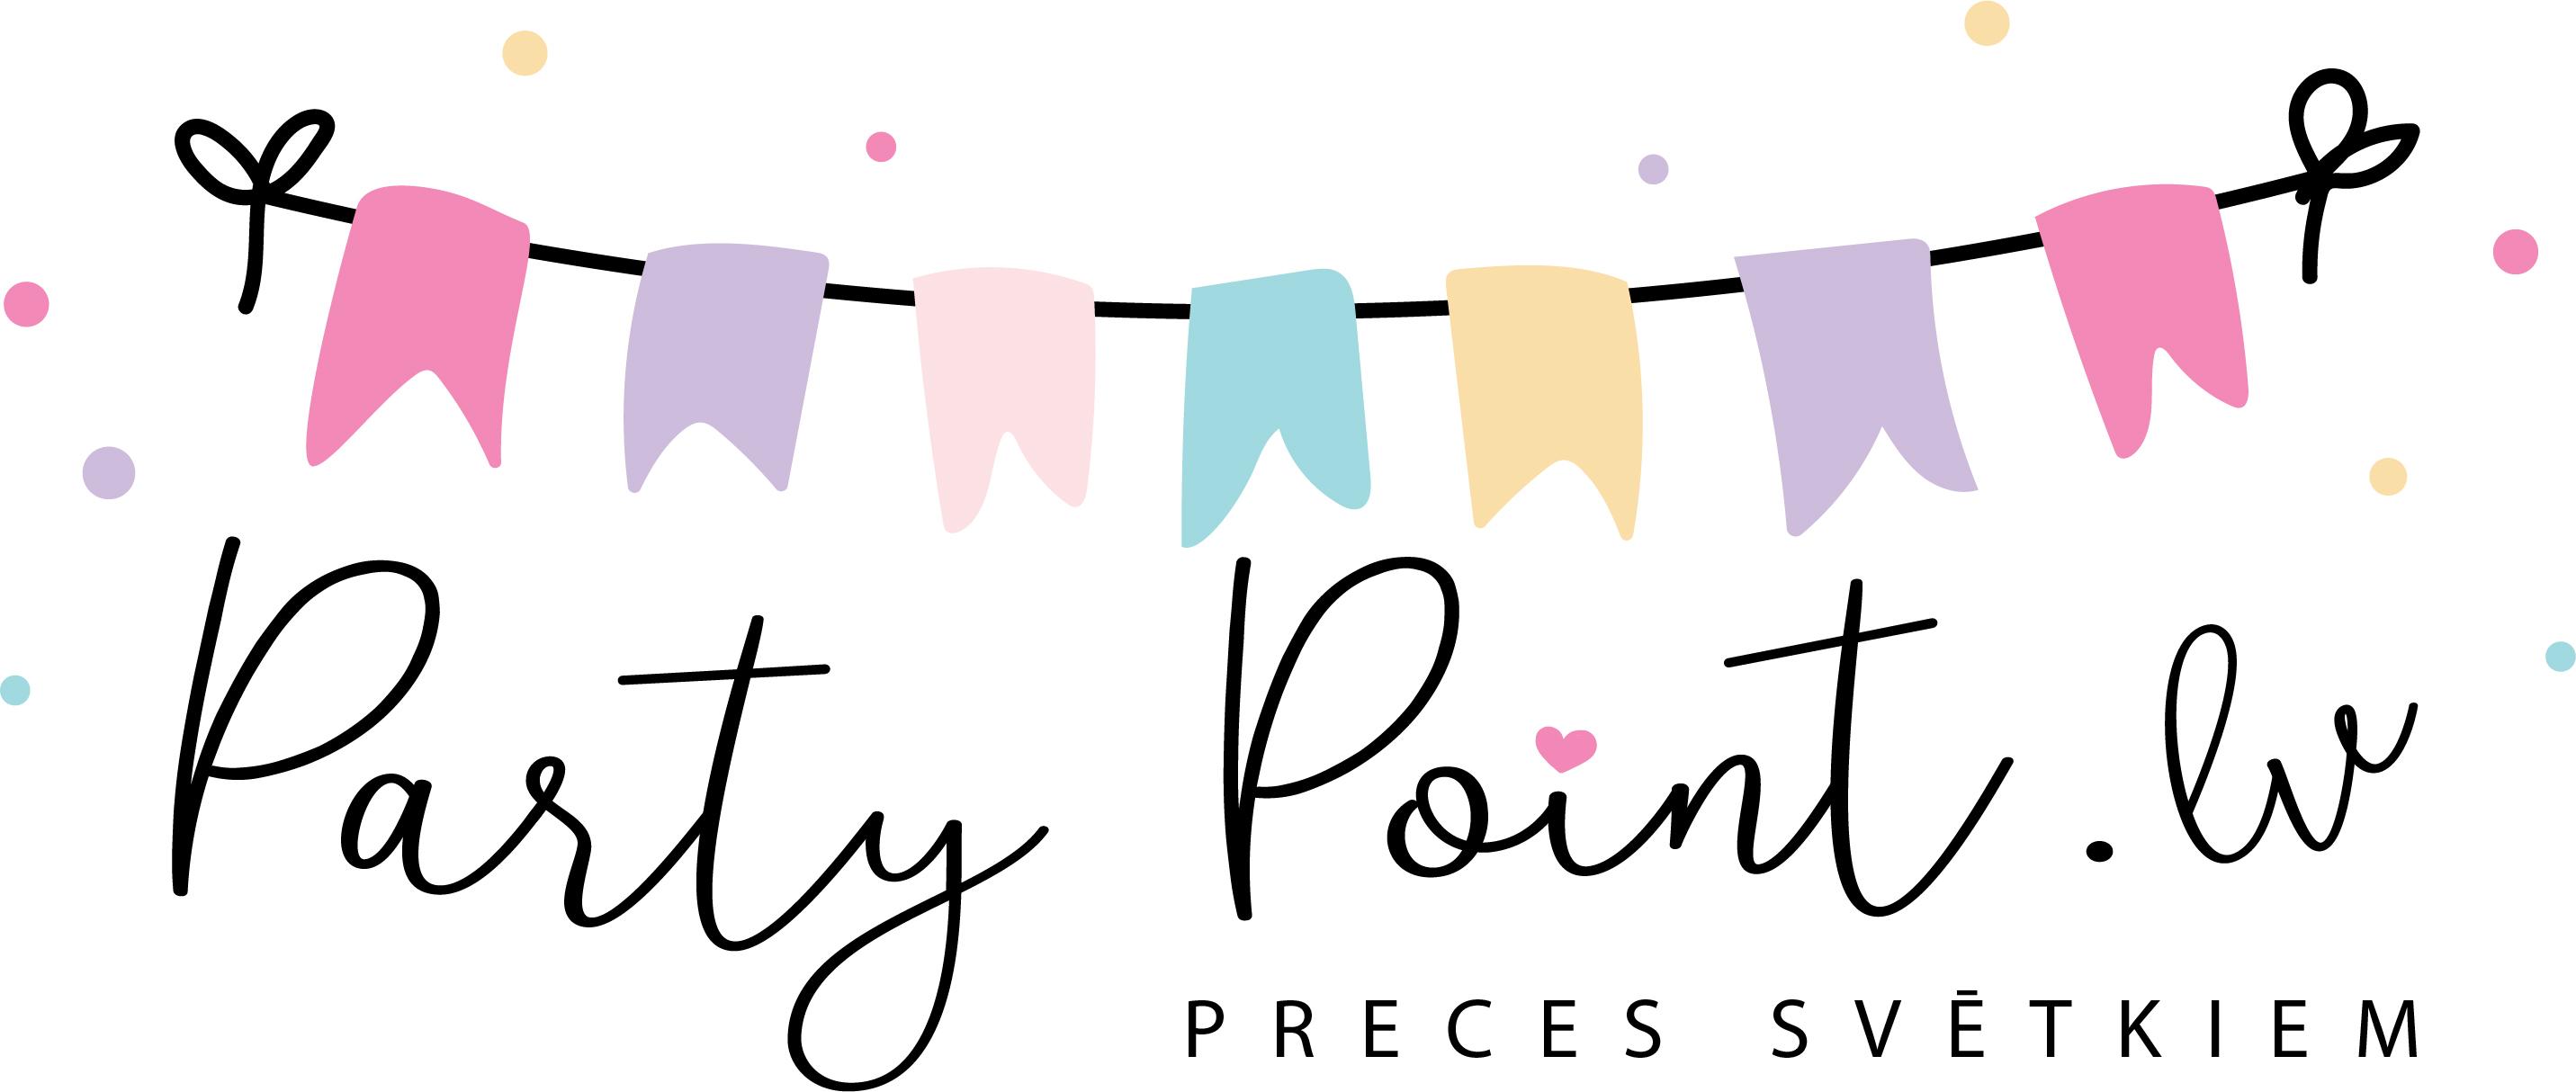 PartyPoint.lv/Kostimi.lv